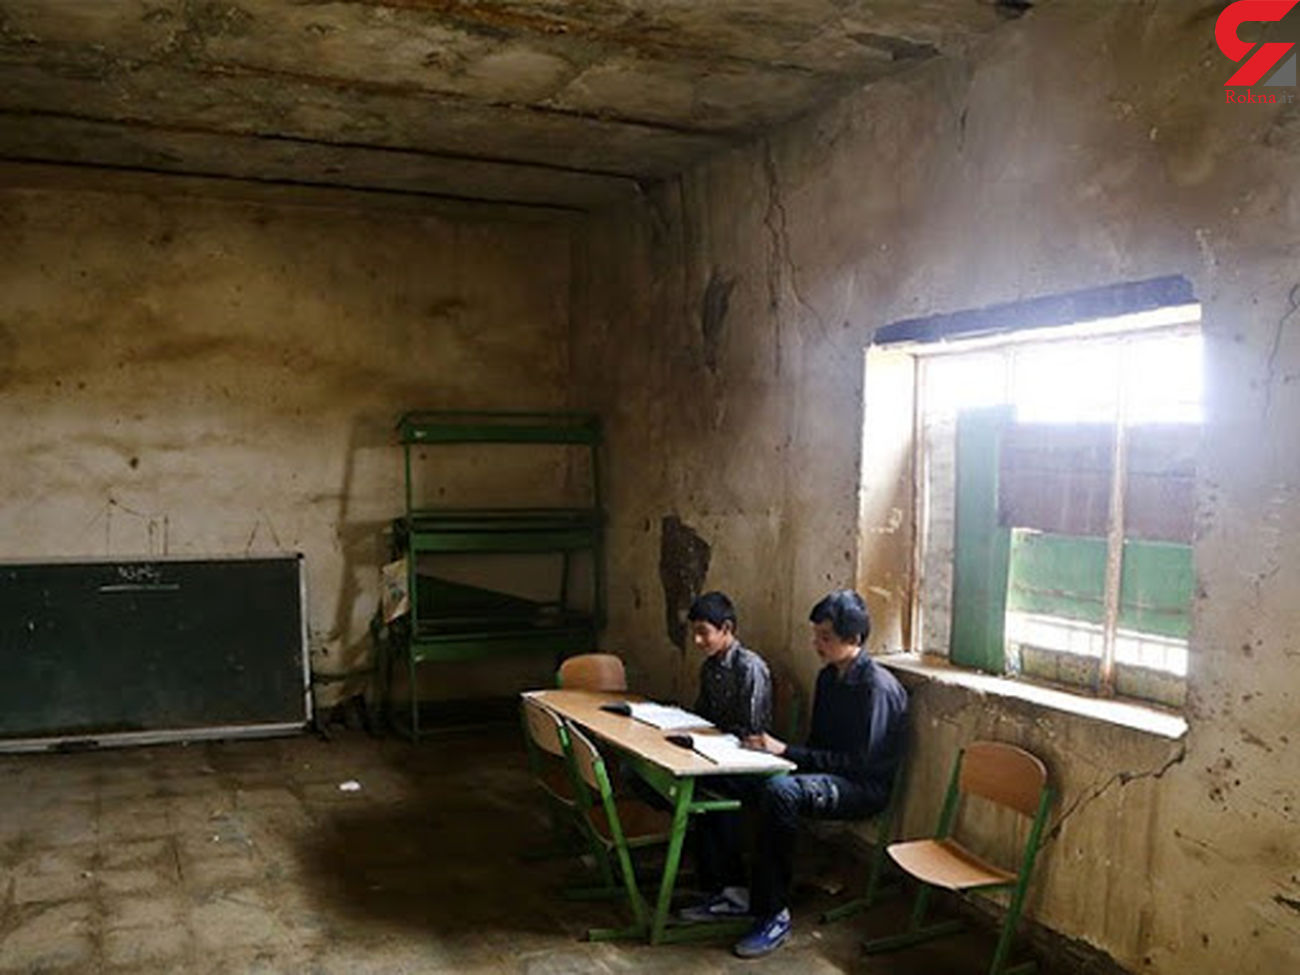 تهران 12هزار کلاس درس کم دارد / 200 مدرسه پیر در دل پایتخت